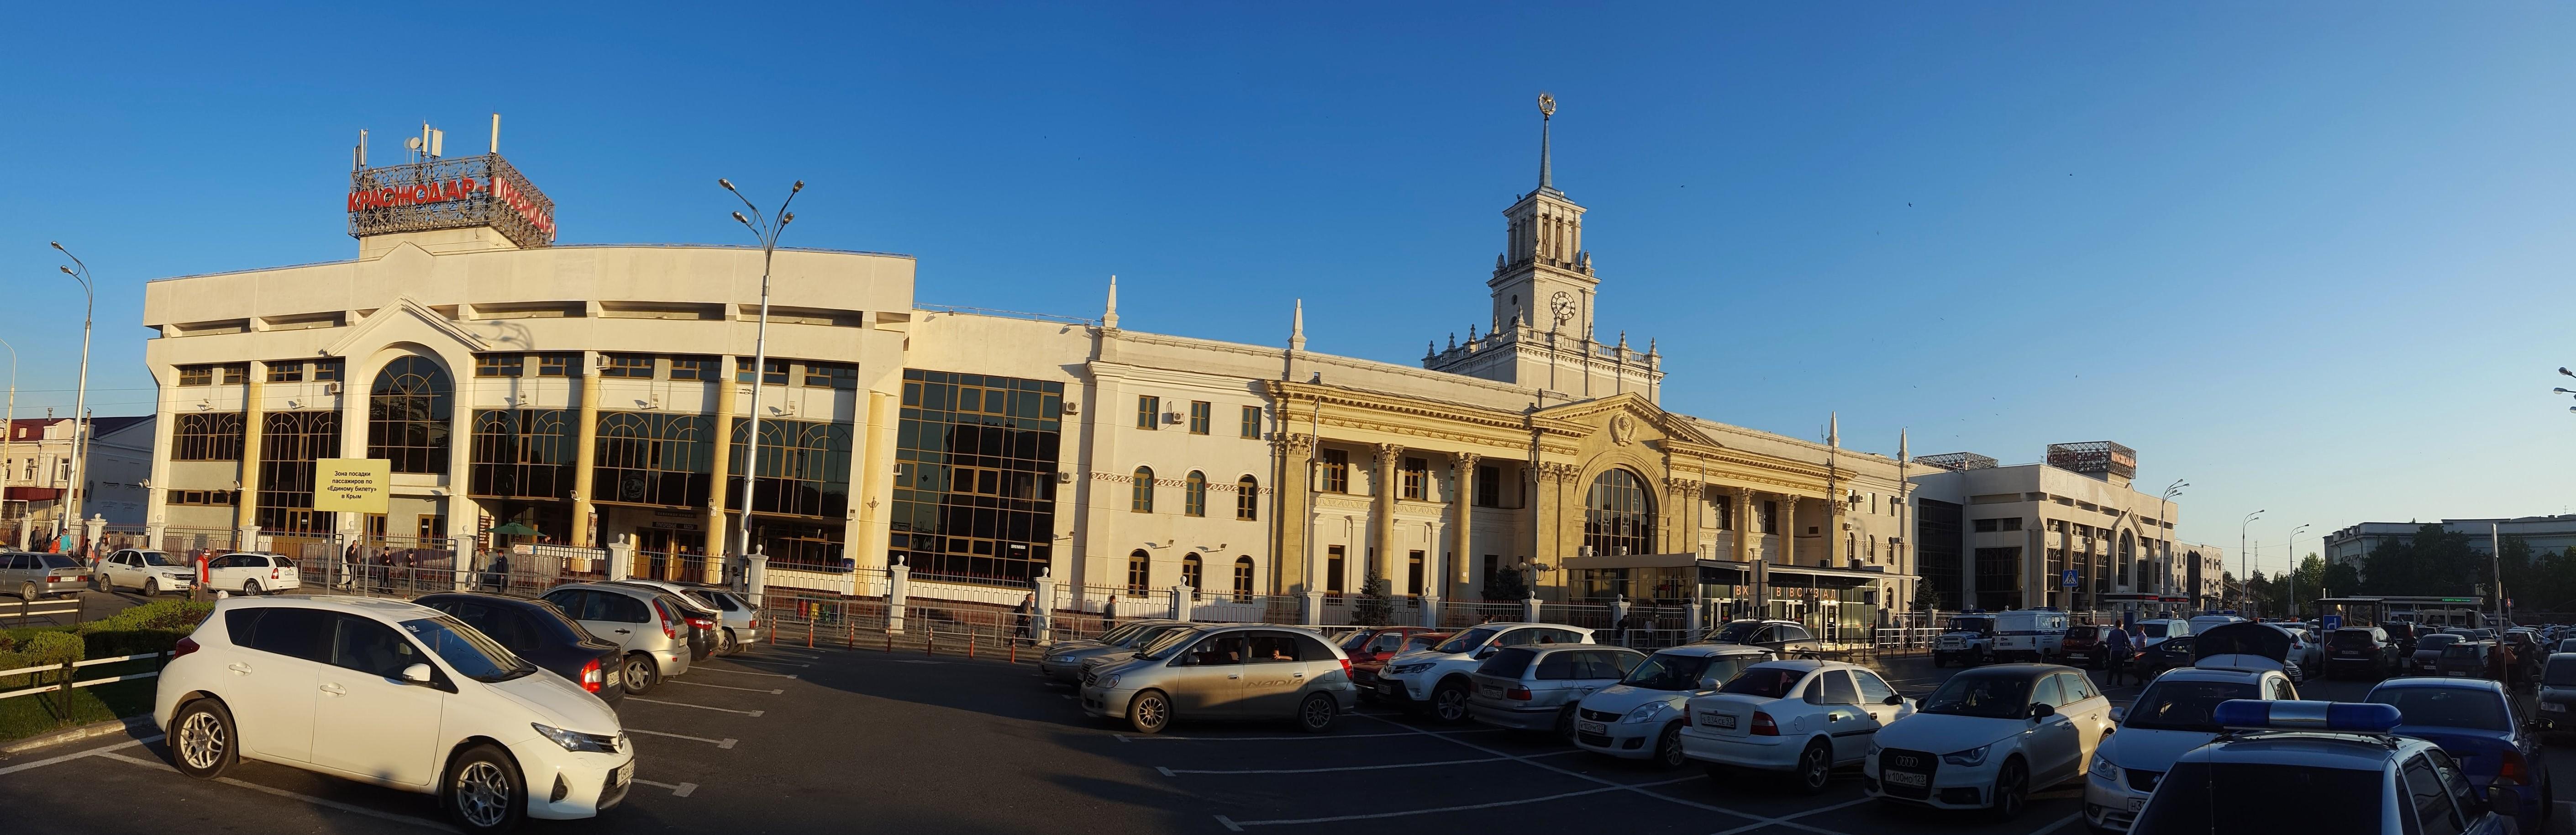 вокзал краснодар фото